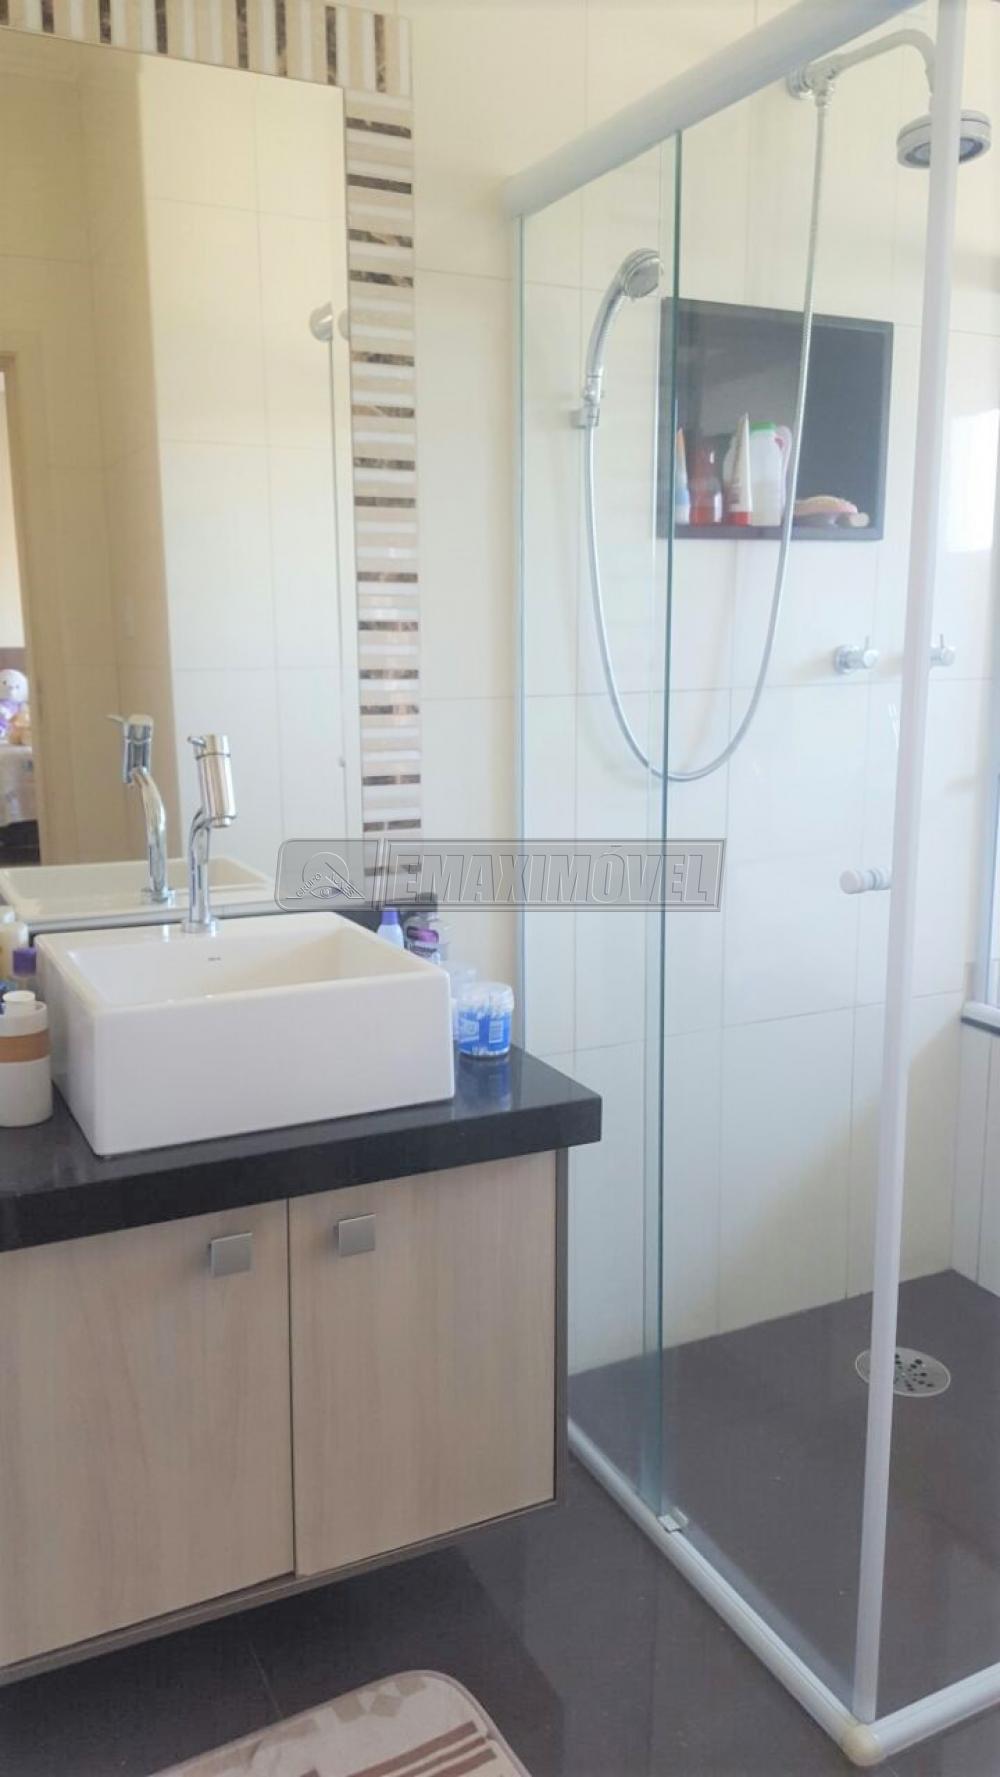 Alugar Casas / em Condomínios em Sorocaba apenas R$ 4.400,00 - Foto 11